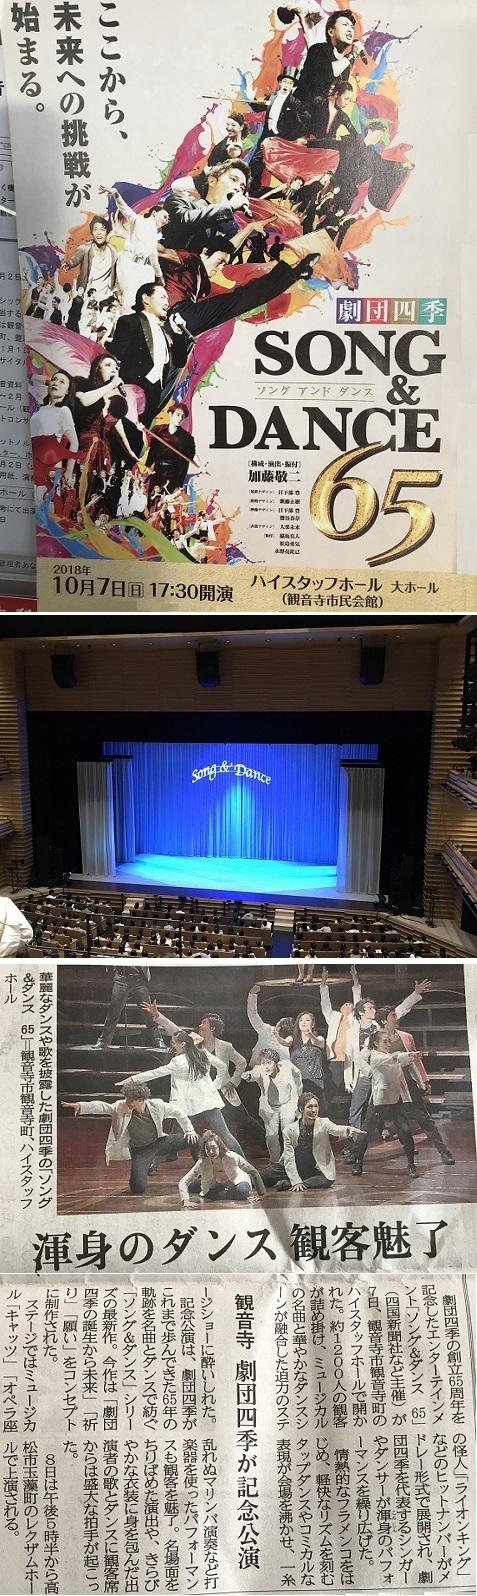 20181007sonng& dance